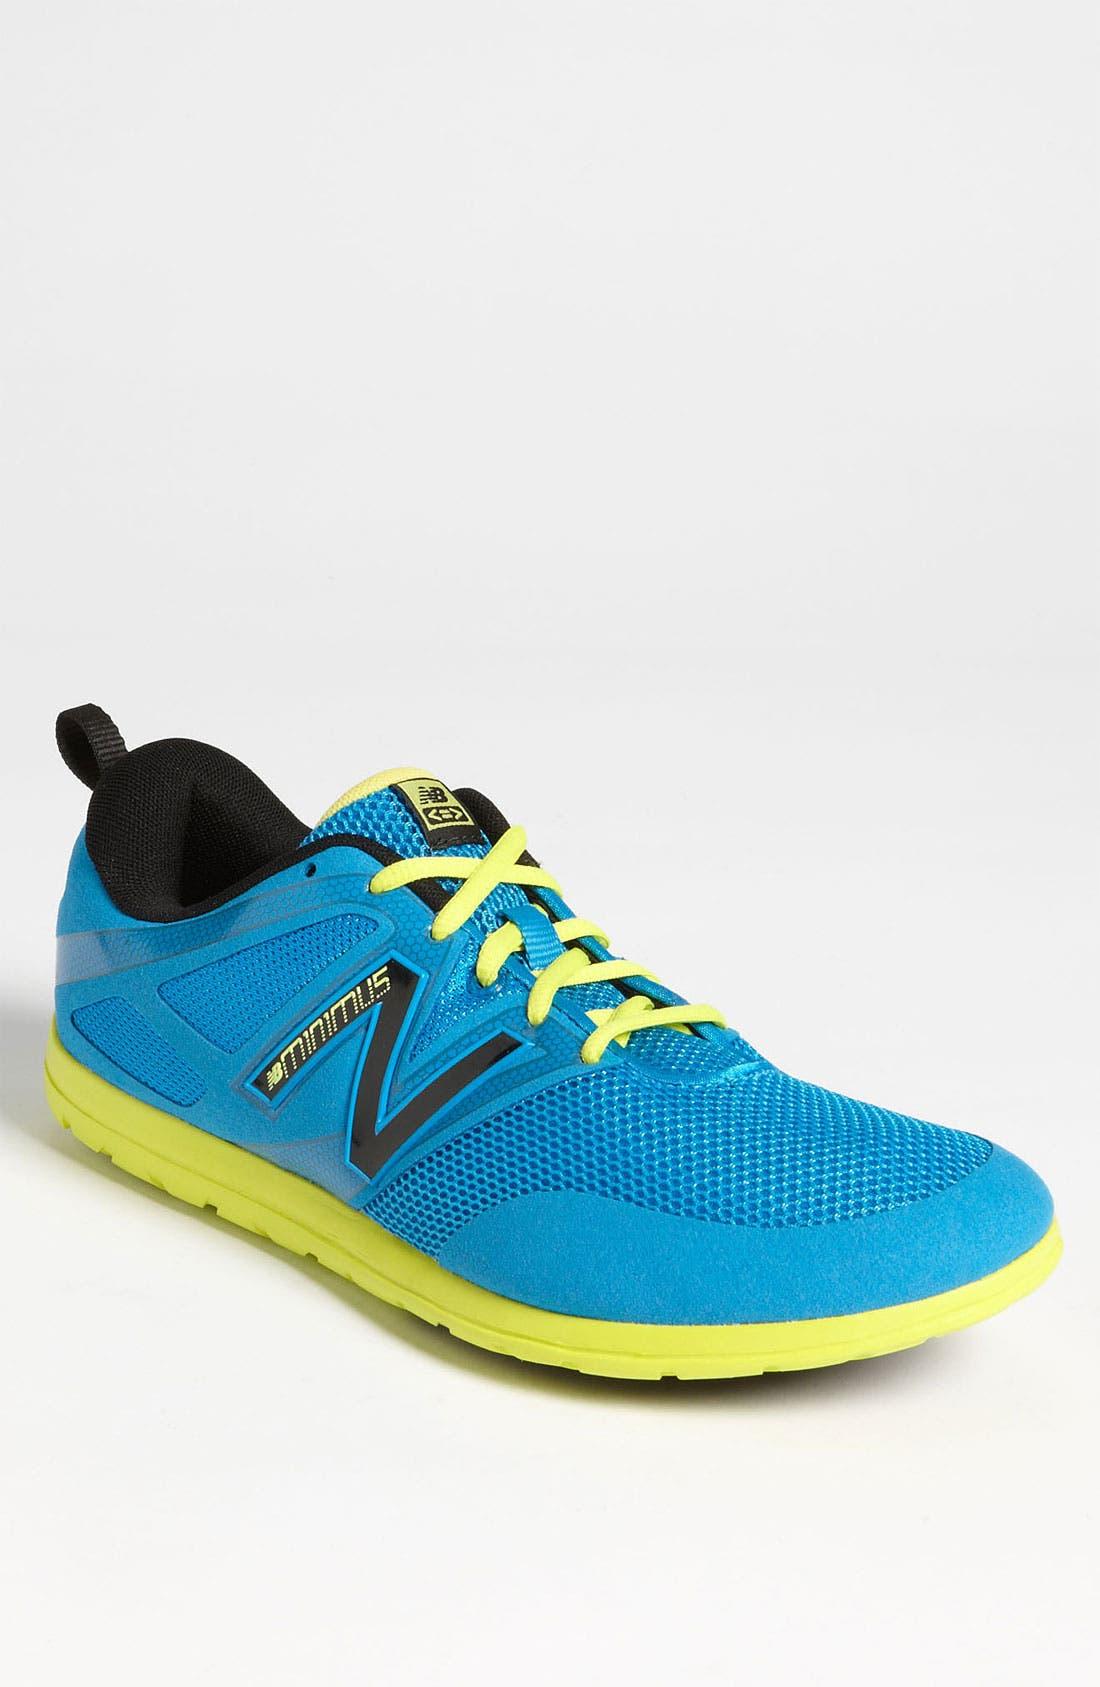 Alternate Image 1 Selected - New Balance 'MX20 Minimus' Training Shoe (Men)